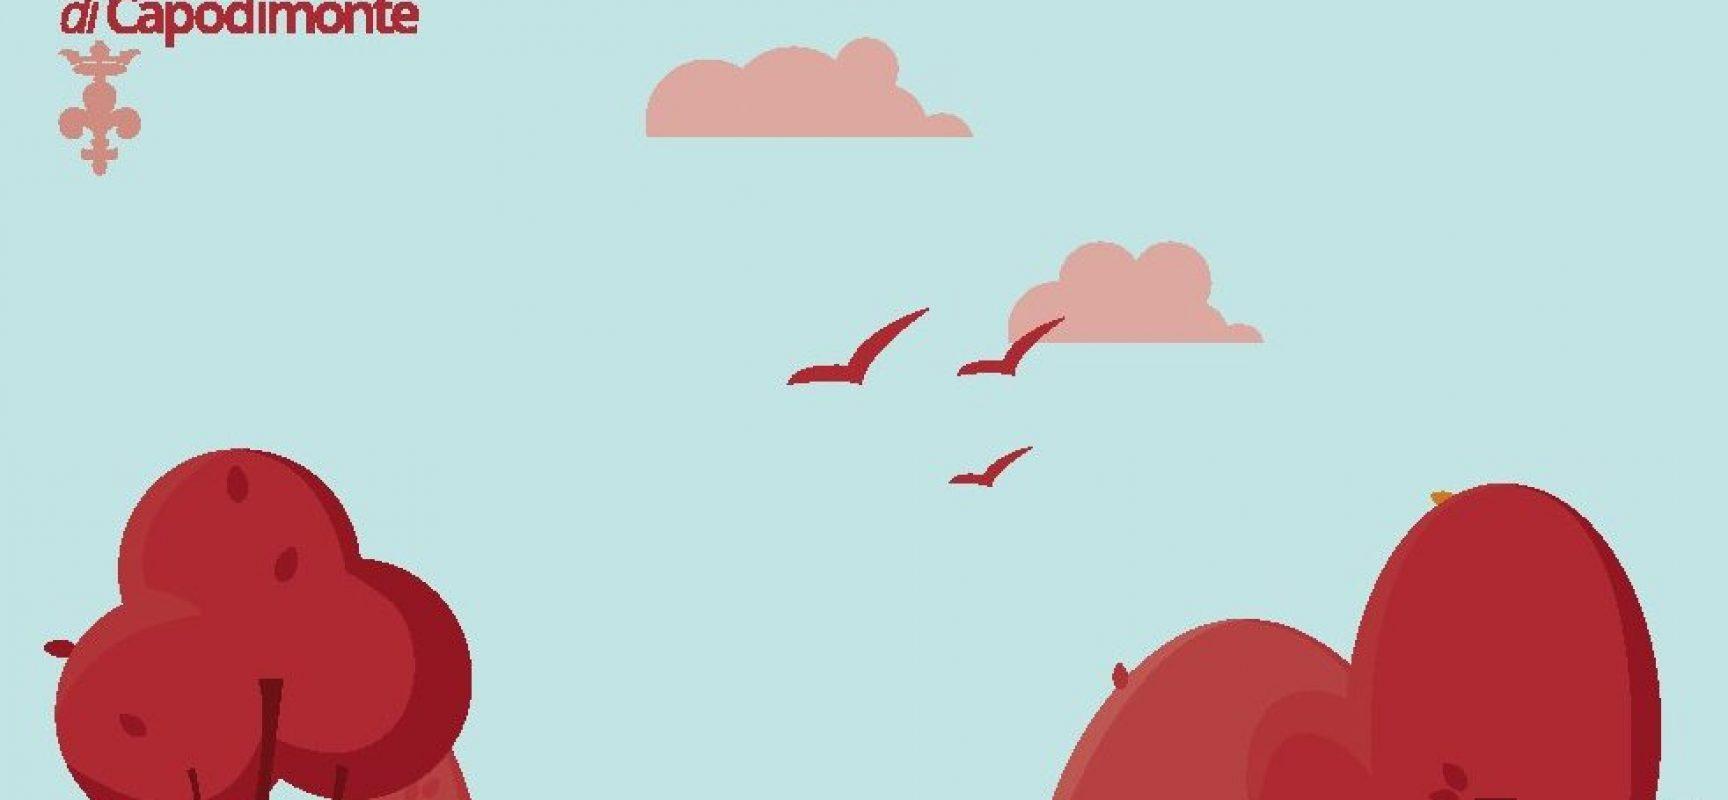 capodimonte una panchina rossa contro violenza donne napoli post notizie politica cronaca turismo e cultura in campania capodimonte una panchina rossa contro